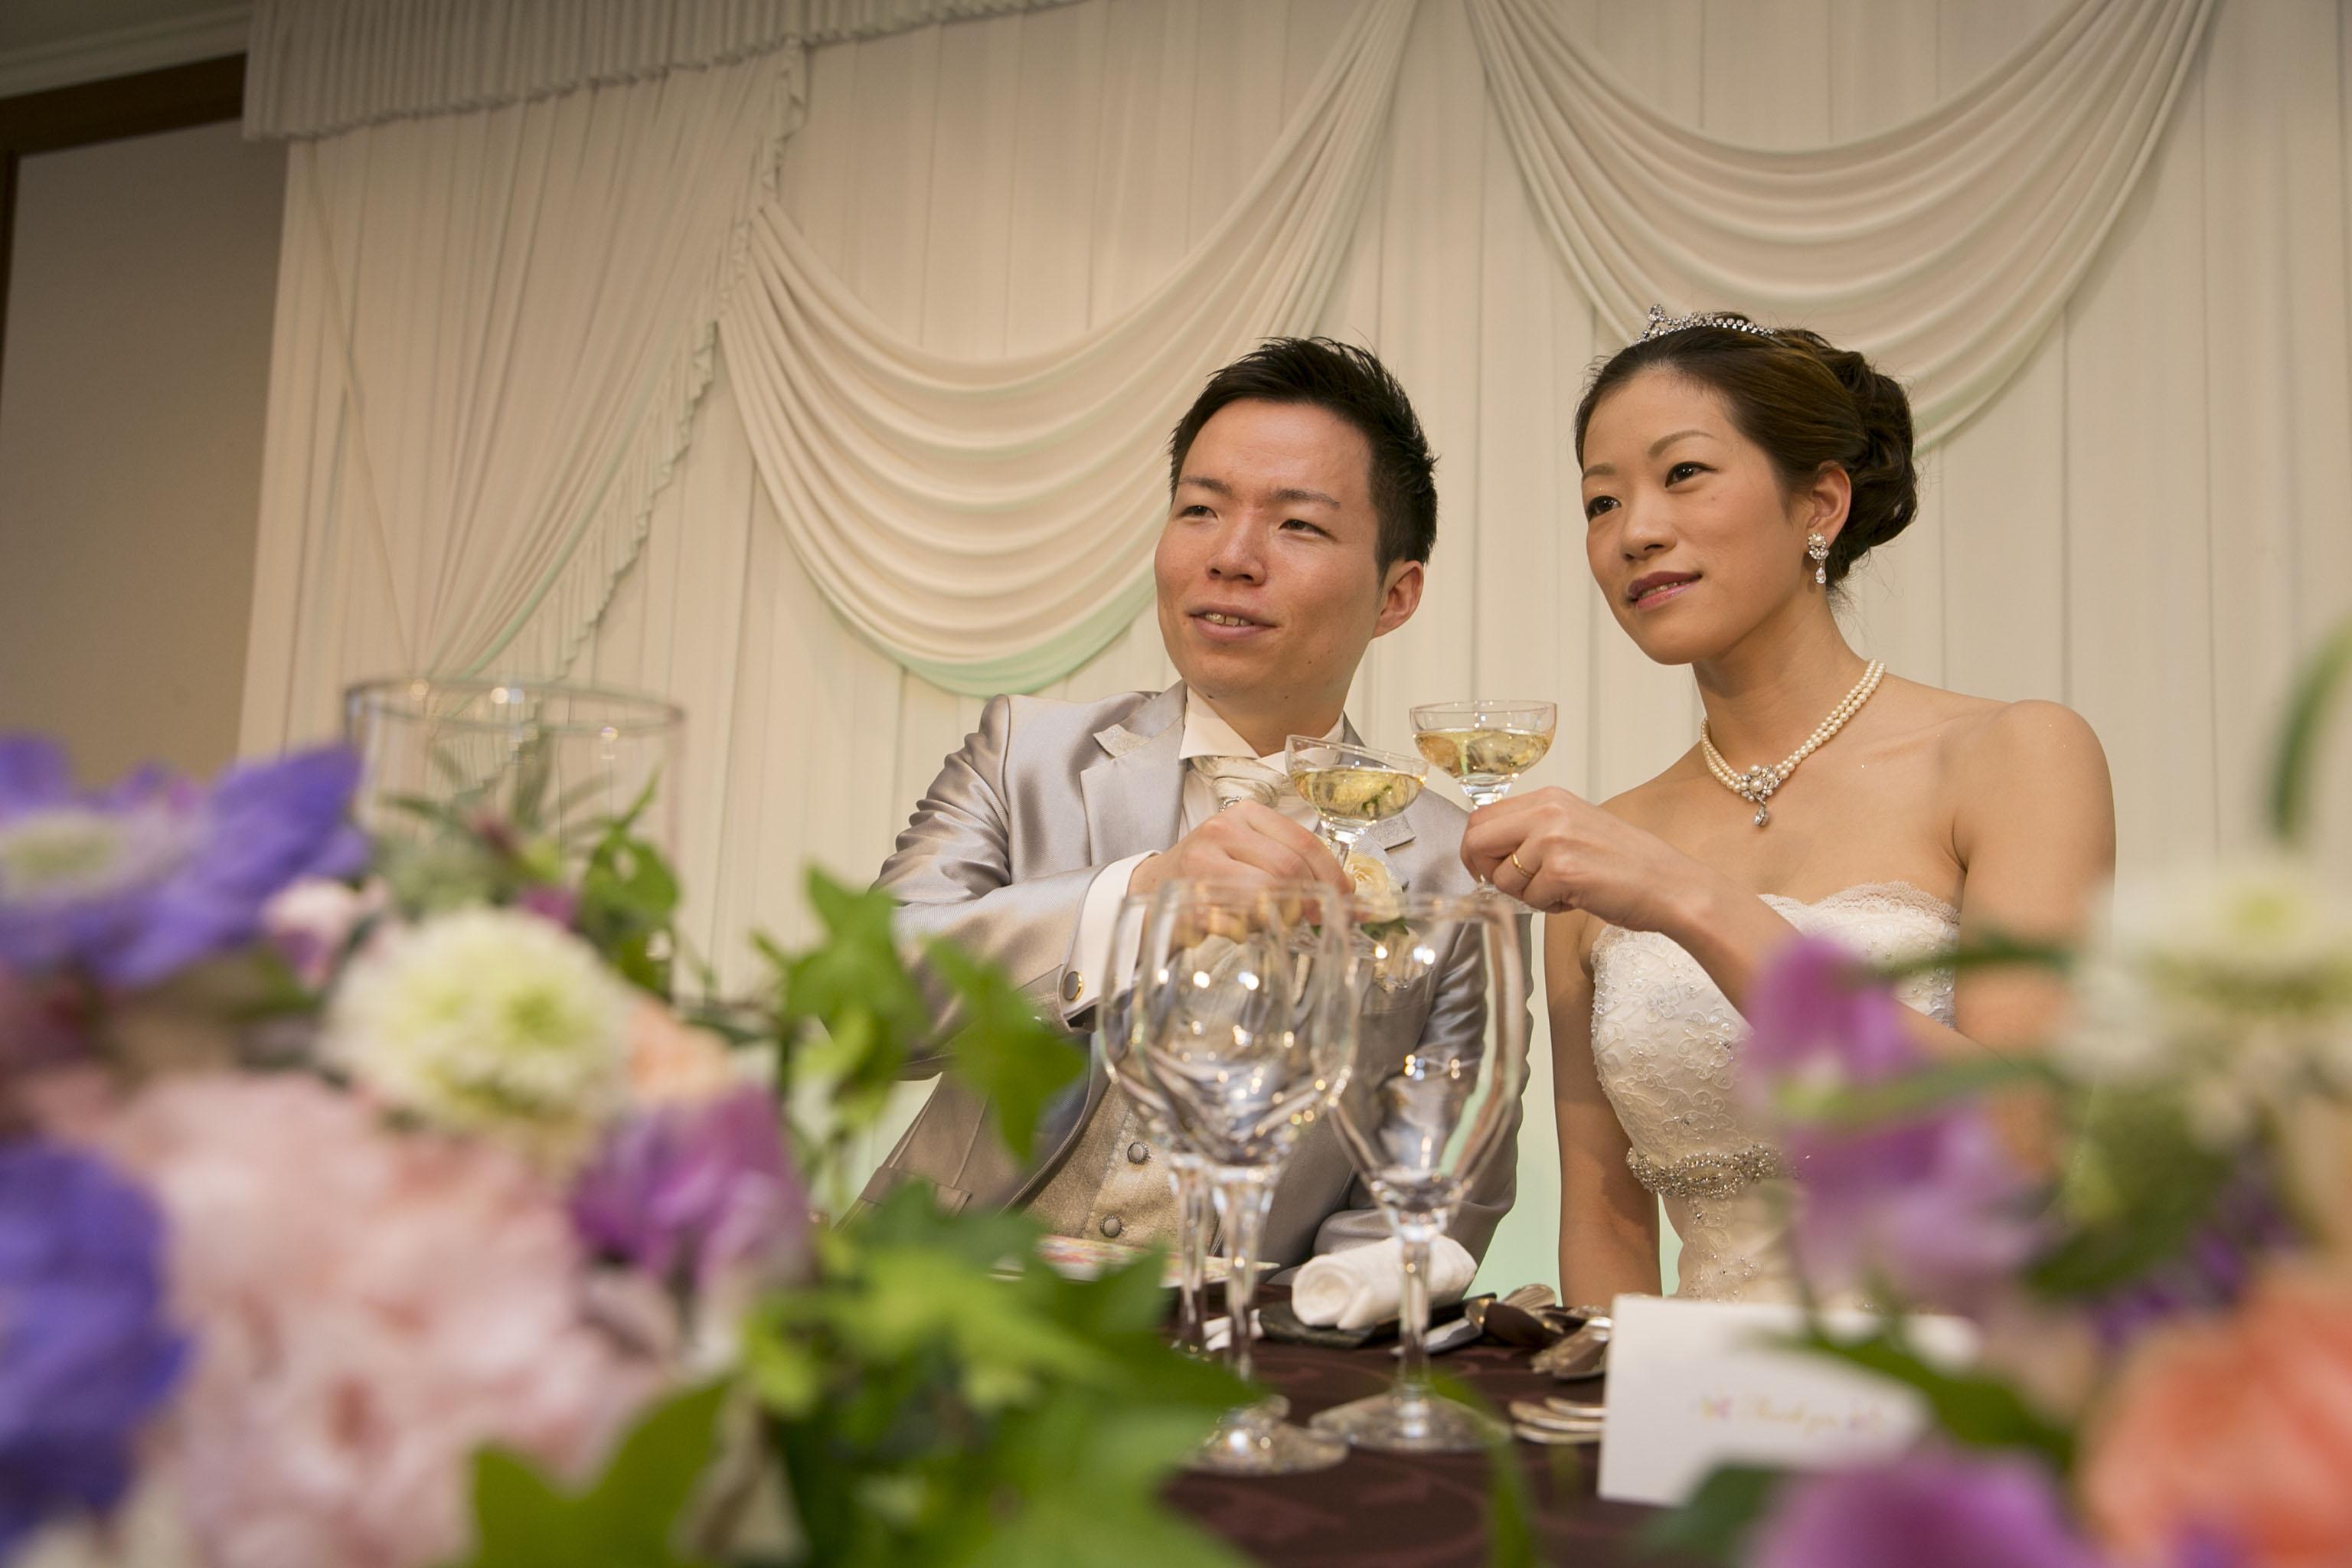 自分たちに似合う「大人ラグジュアリー」な結婚式 ウエディングレポートイメージ5